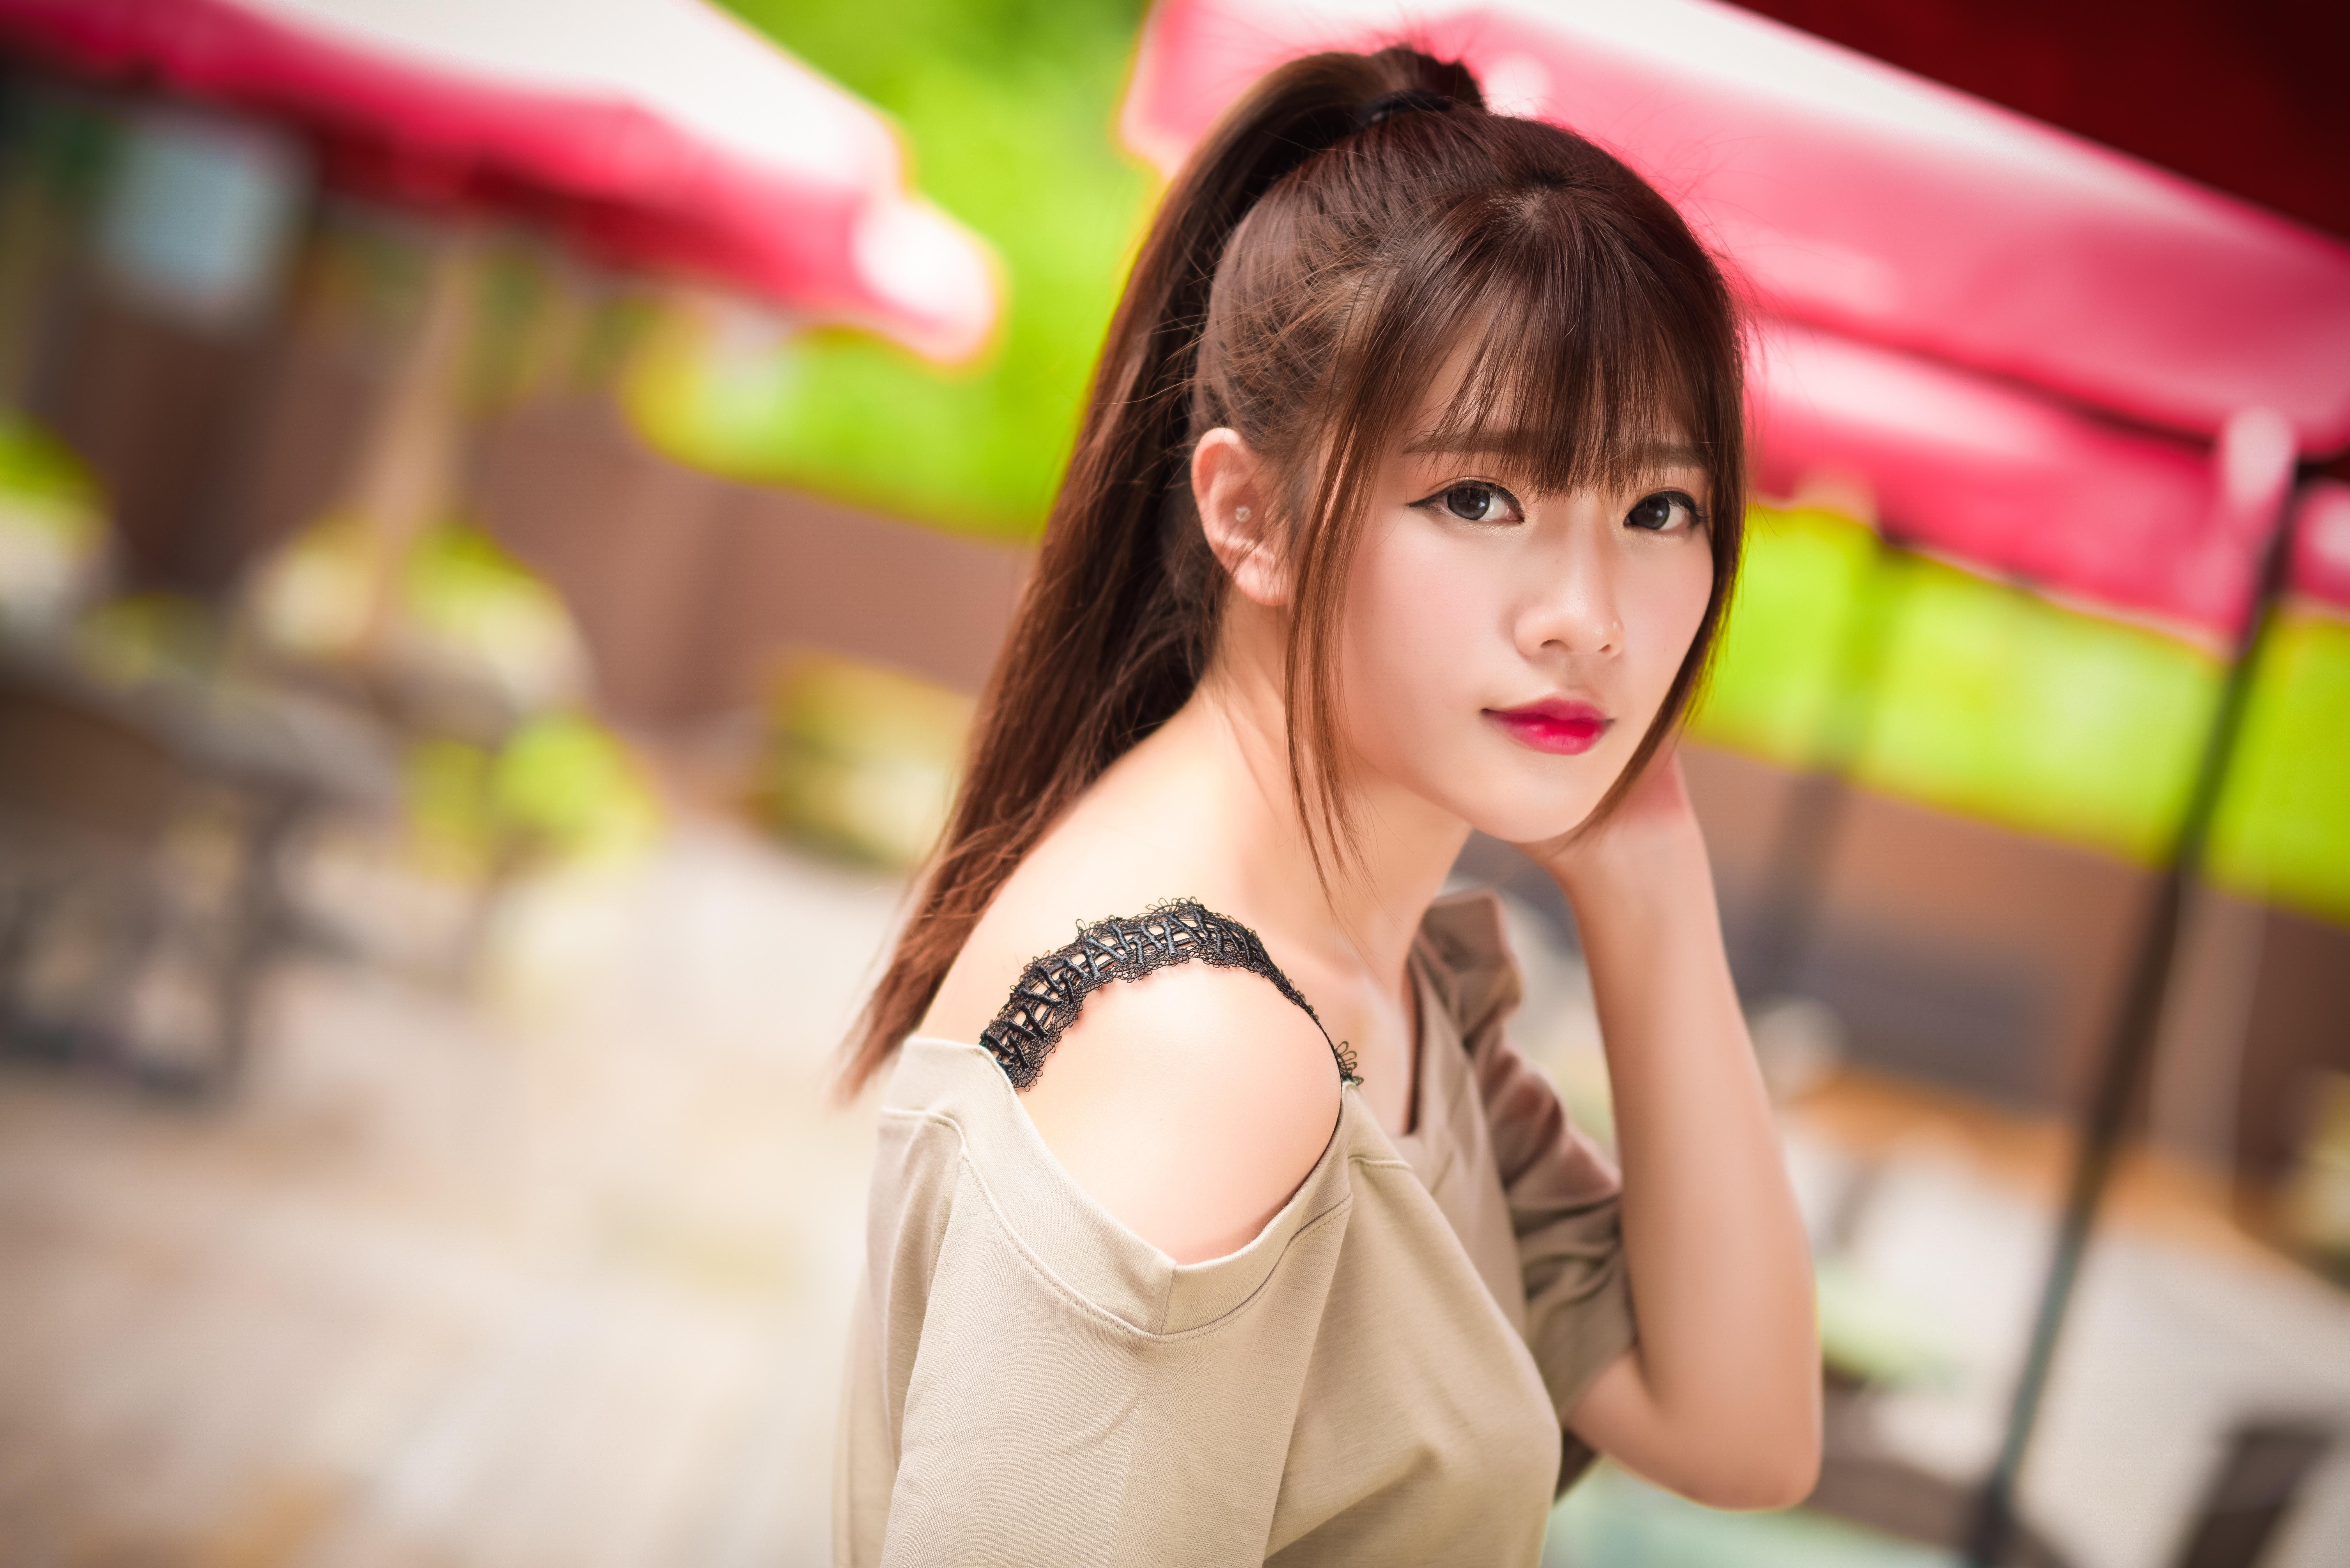 Азиатские прически для девушек